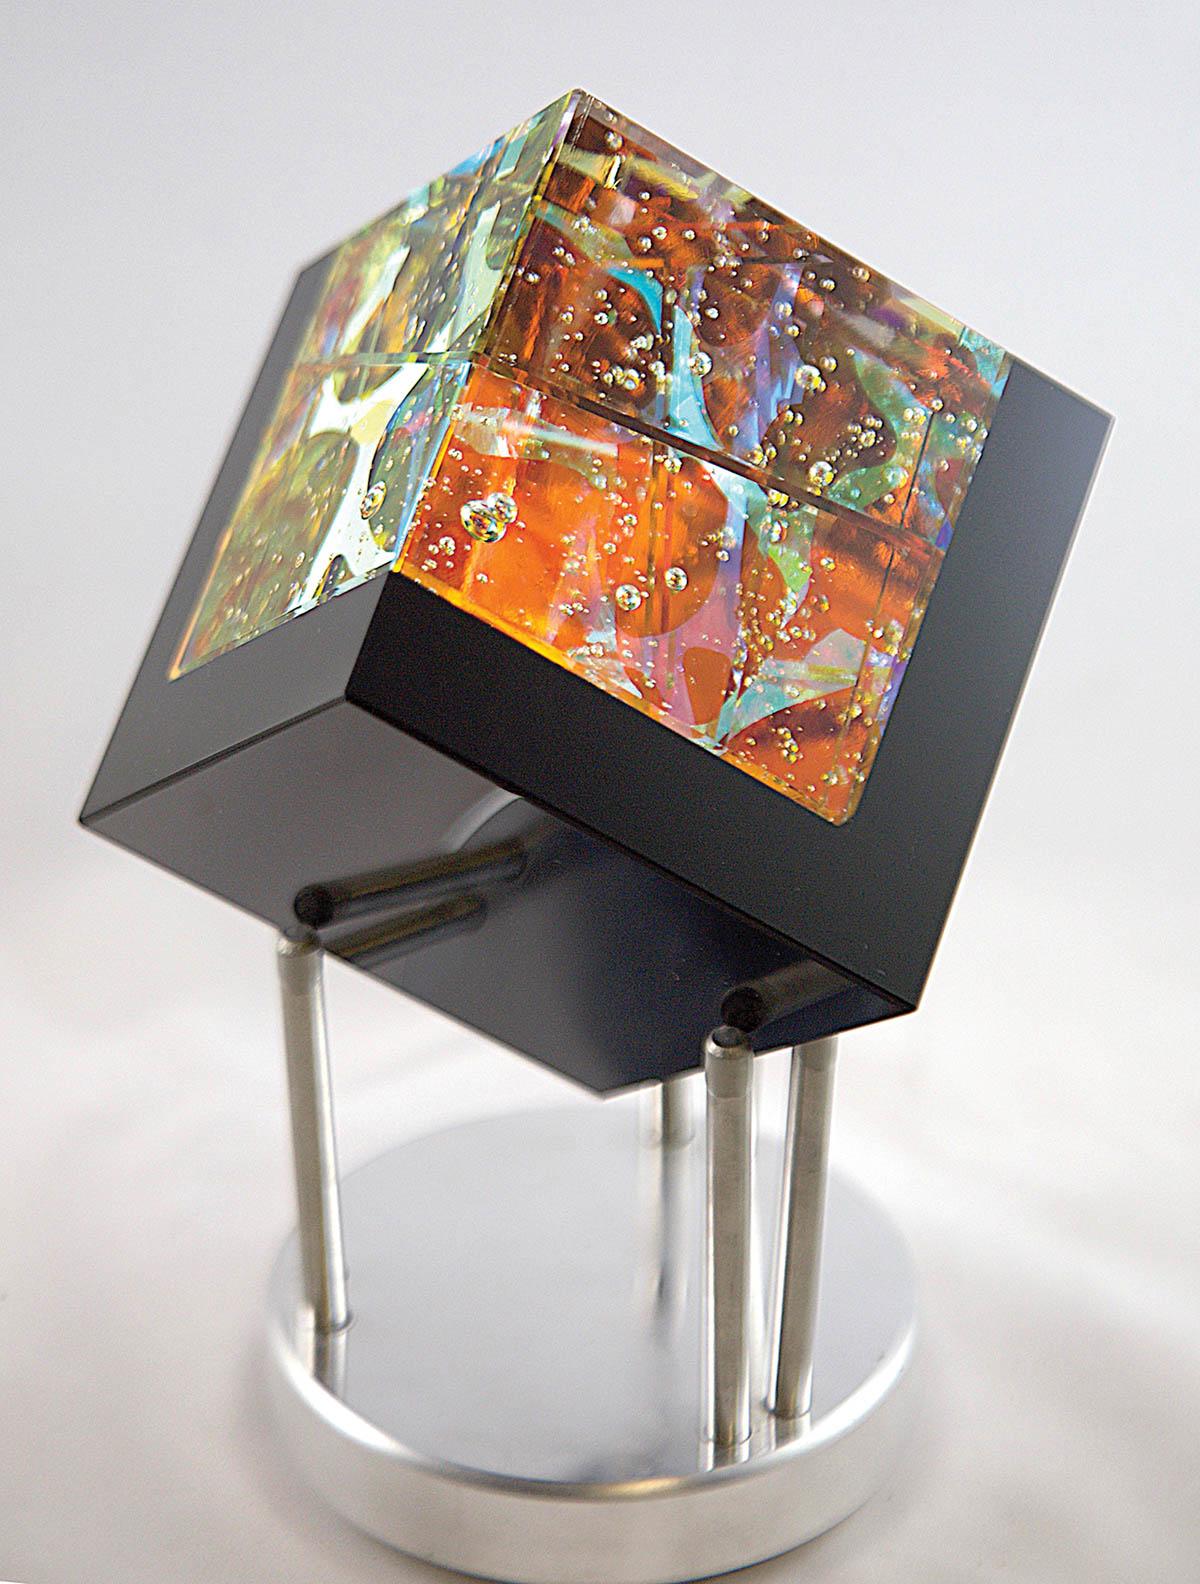 Fire Cube. Robert Stephan, artist